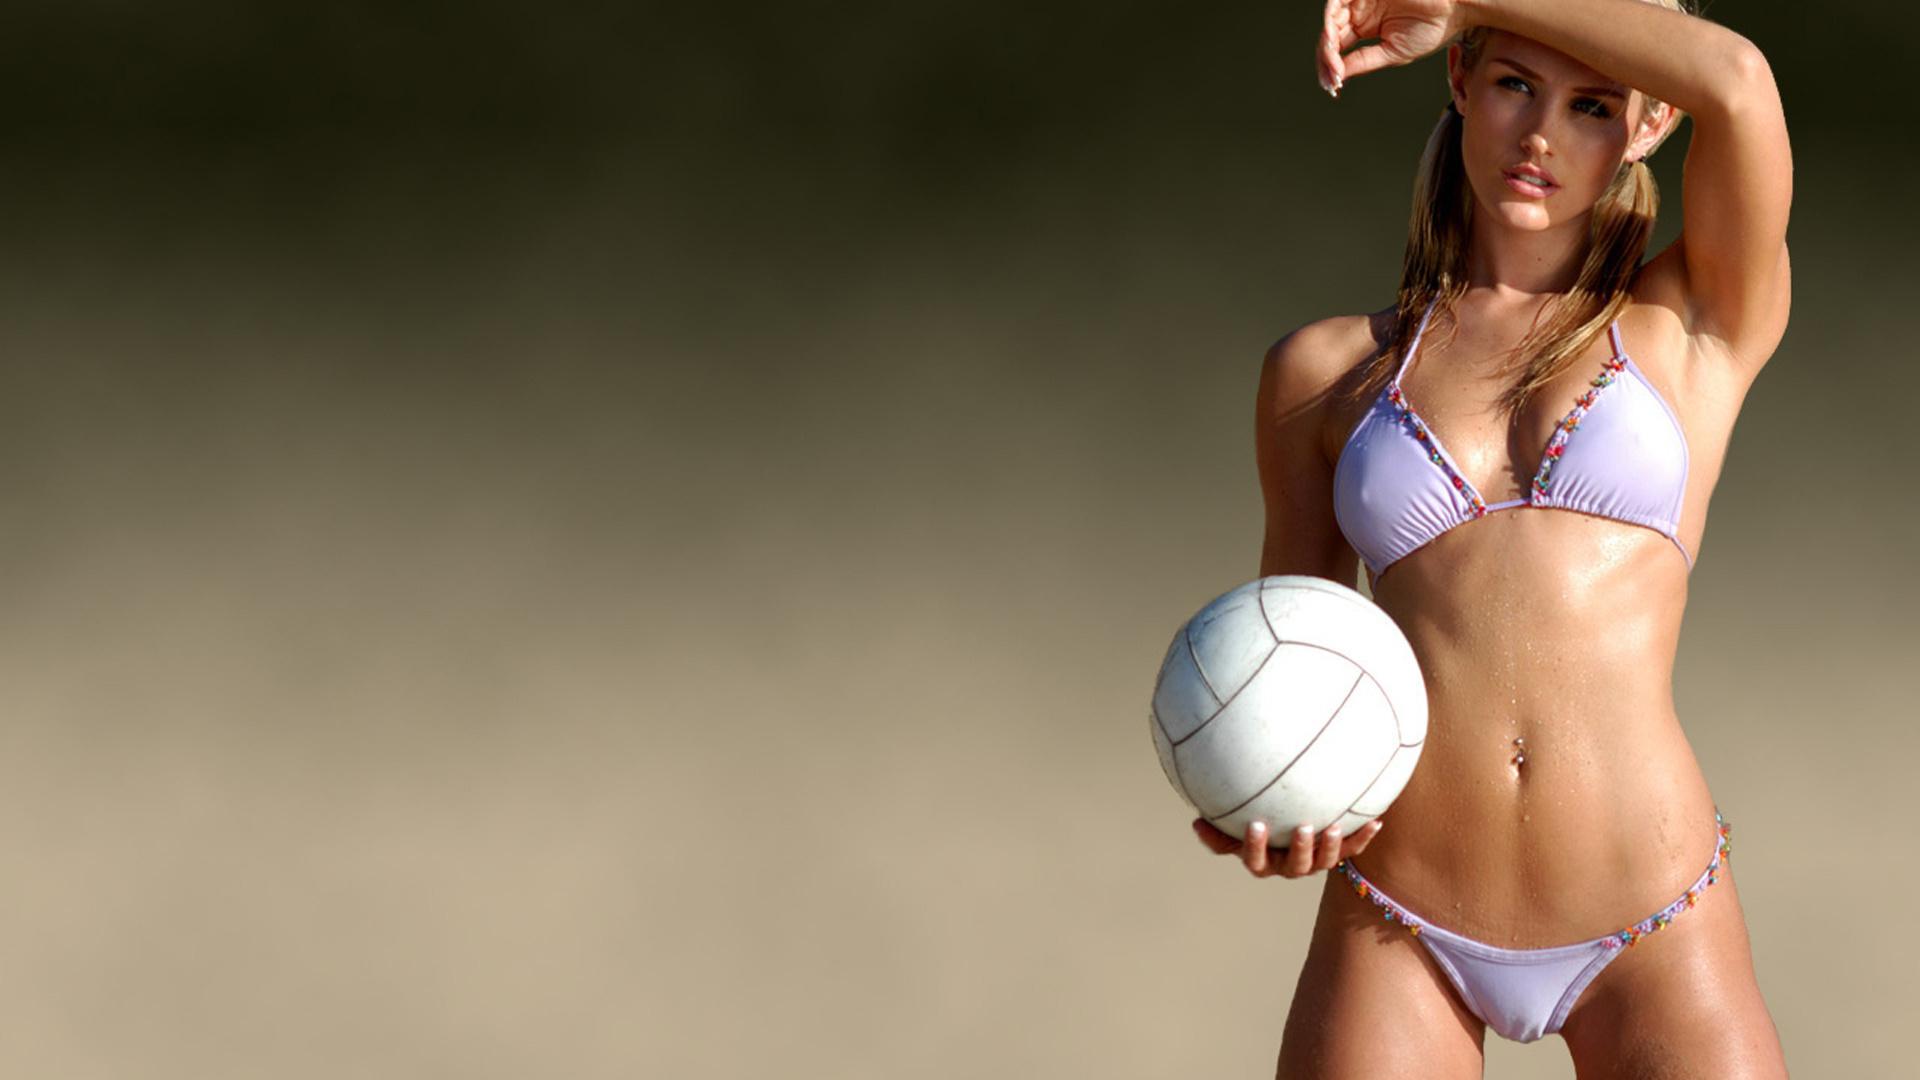 Российские спортсменки в бикини 23 фотография